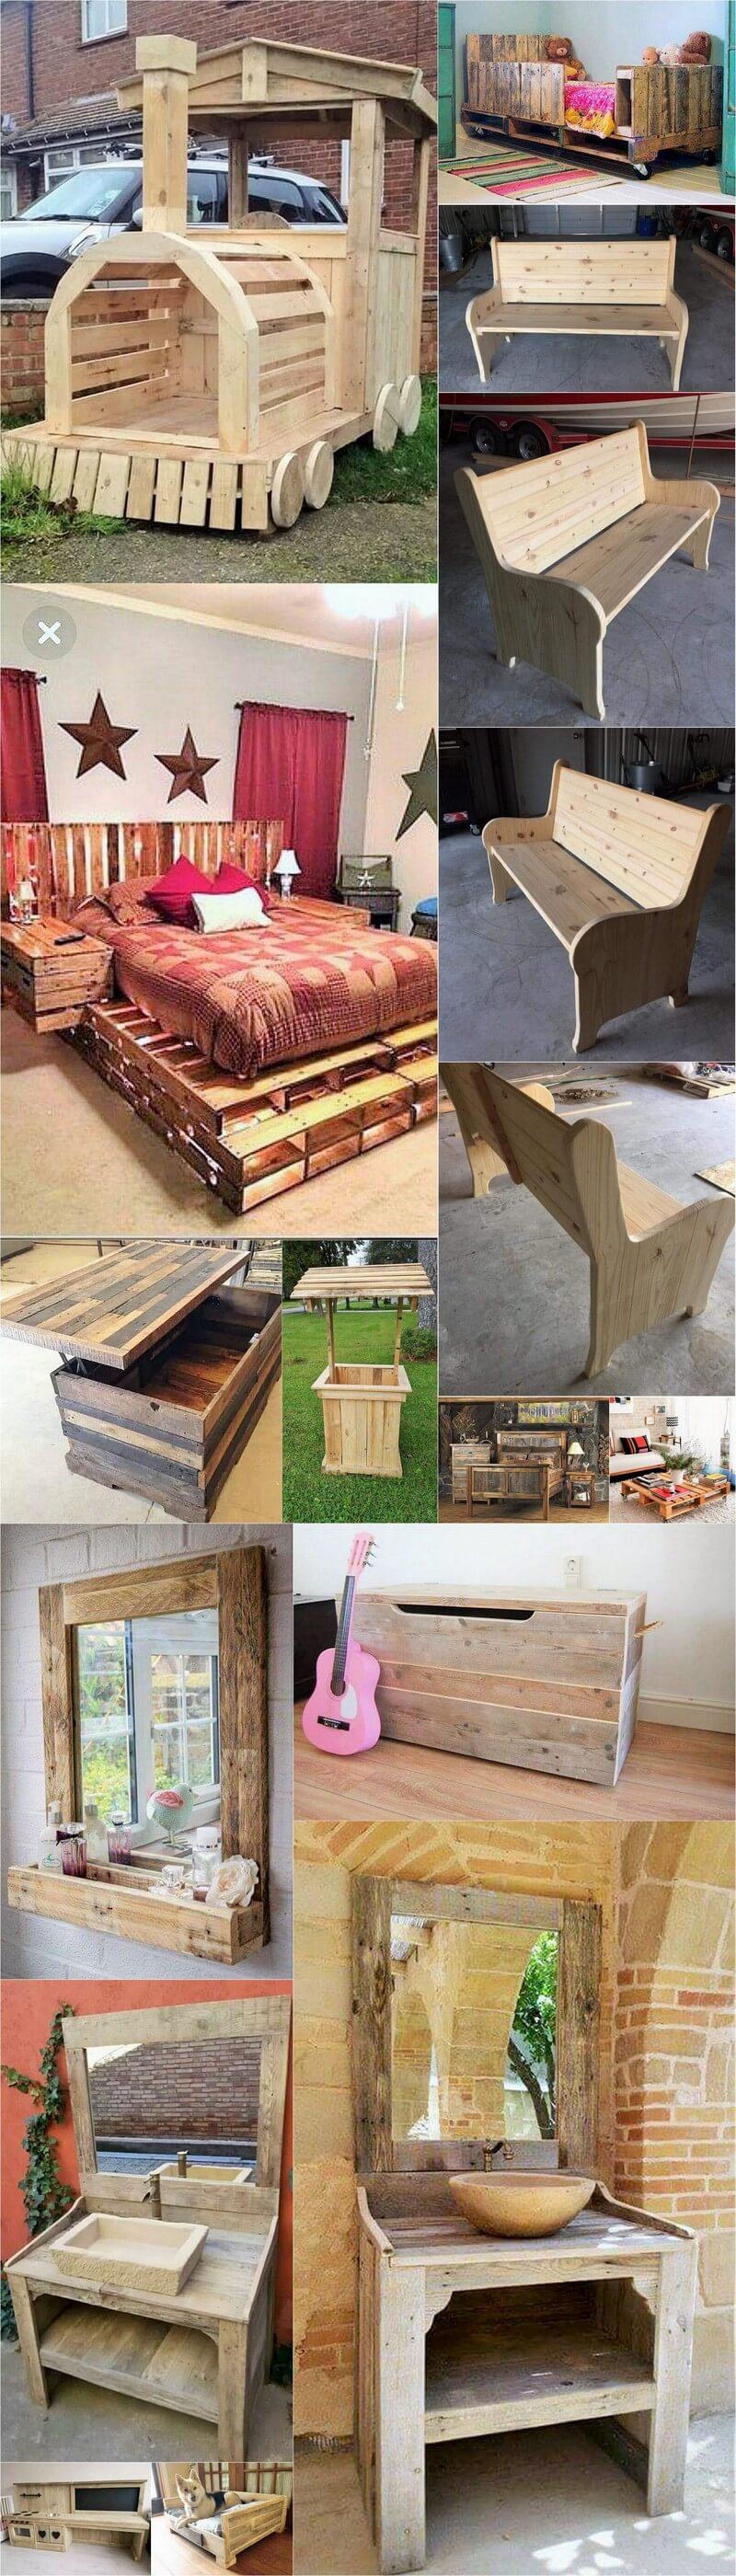 Pallet Furniture For Sale Part - 50: Pallet Furniture For Sale